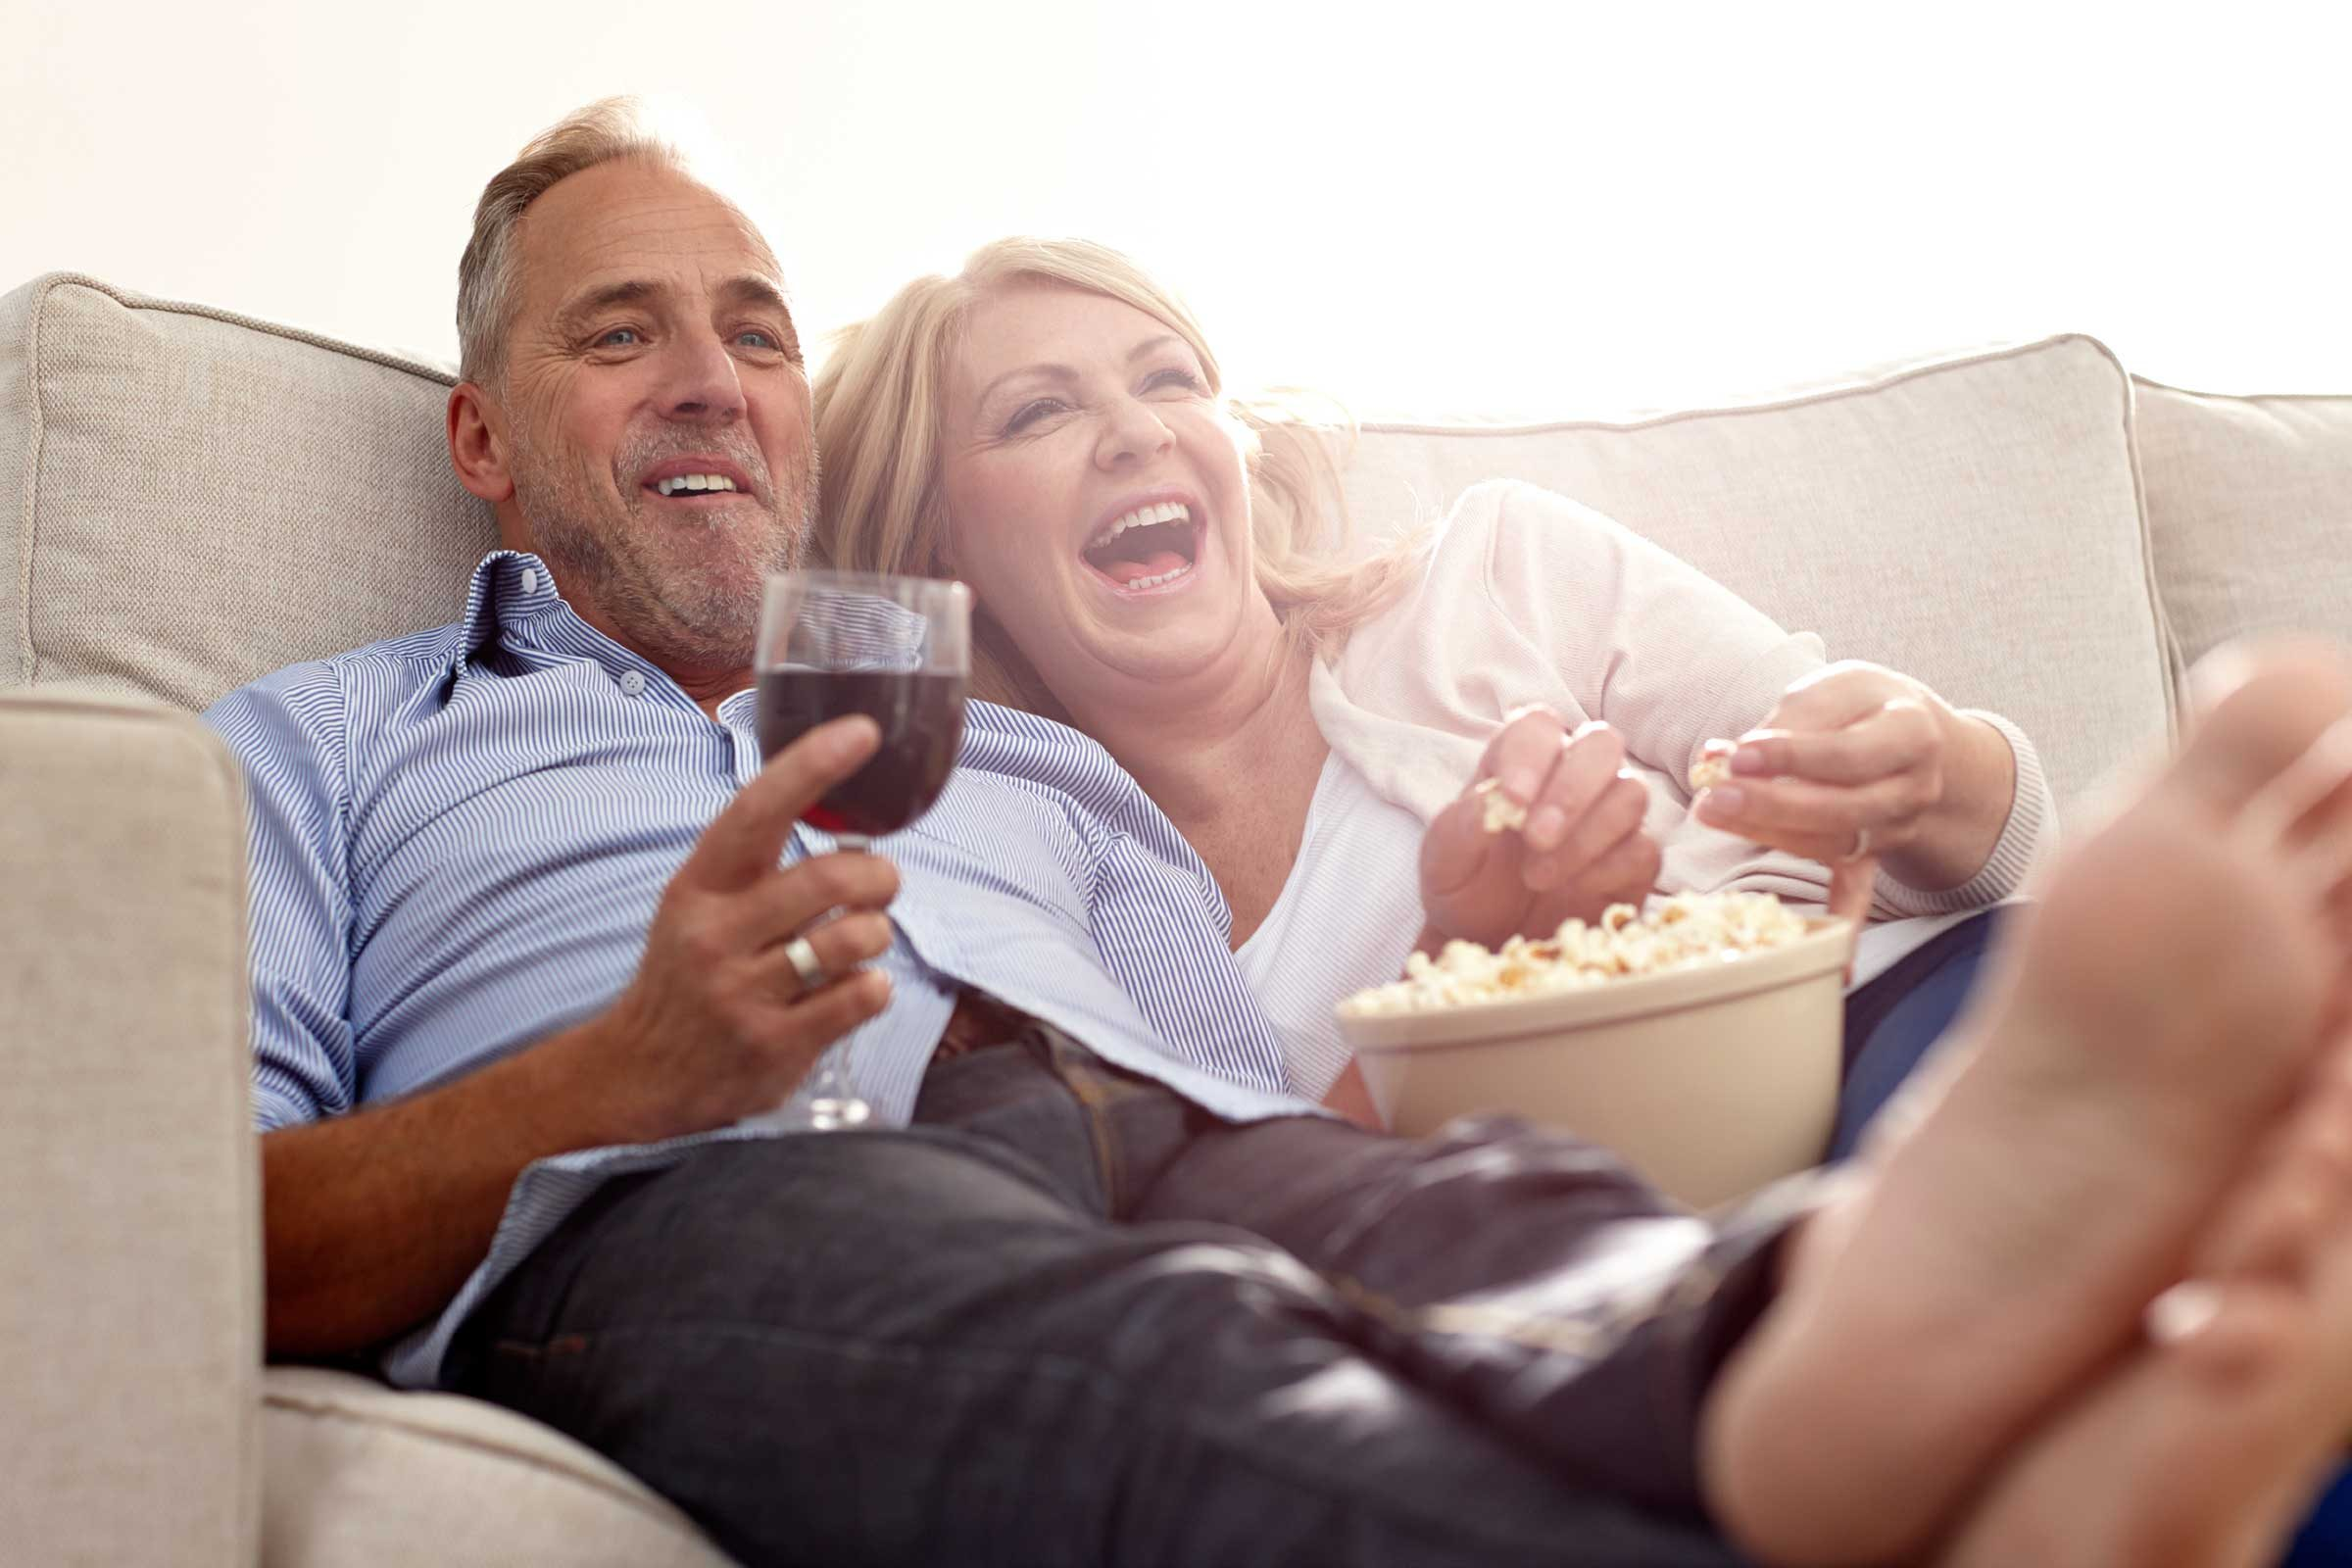 Au tour de chacun d'avoir la télécommande: un motif fréquent de chicanes de couple.